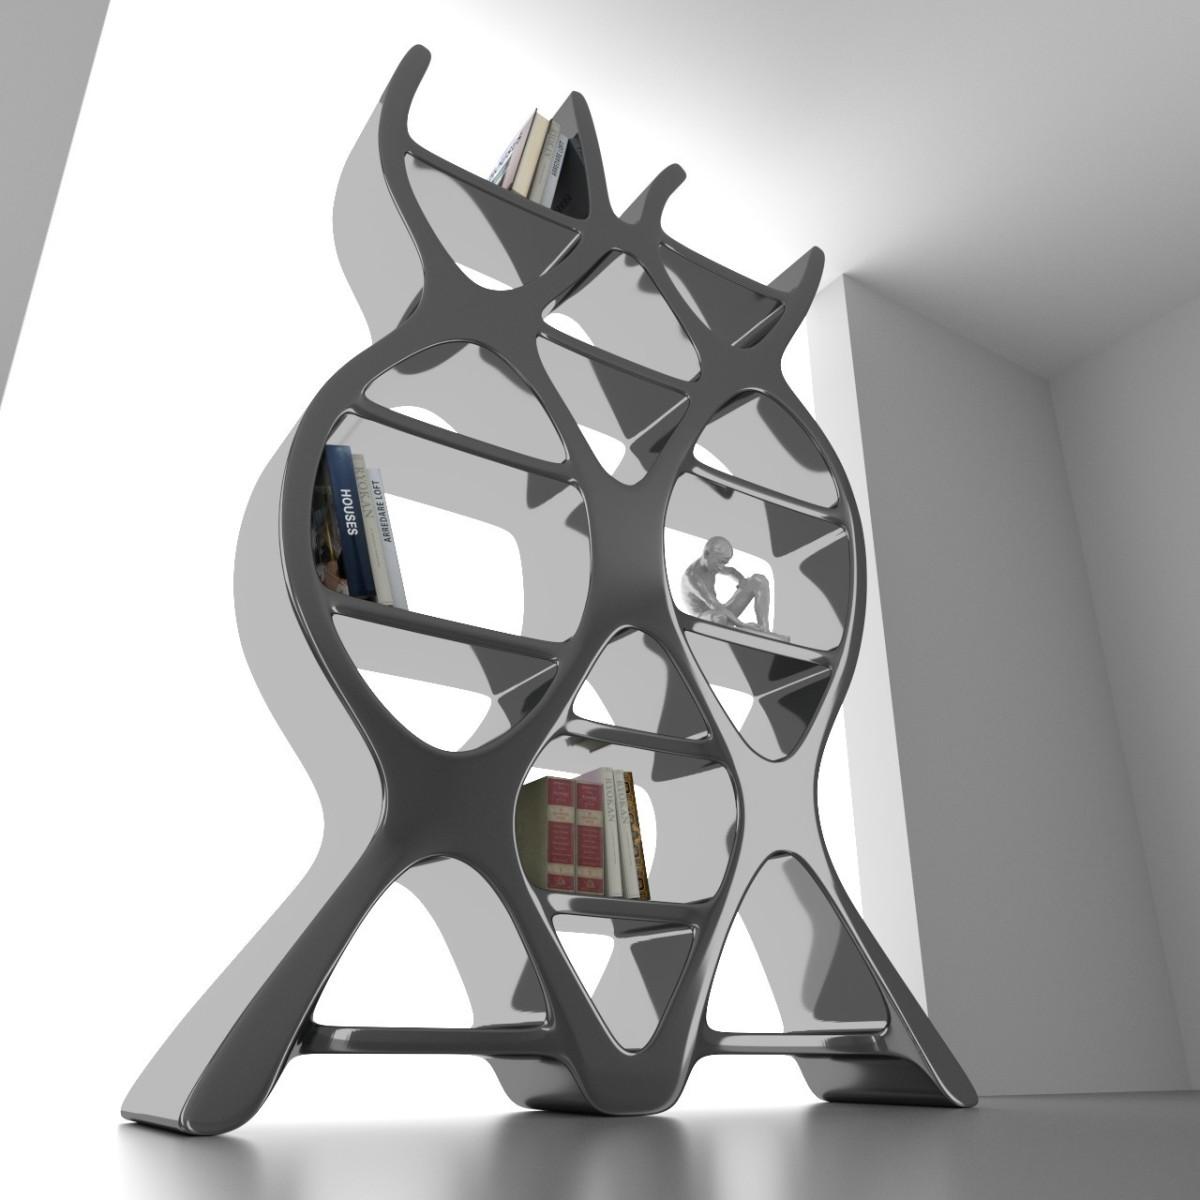 Libreria scaffalatura dna design in adamantx bianco rosso nero for Librerie di design famosi